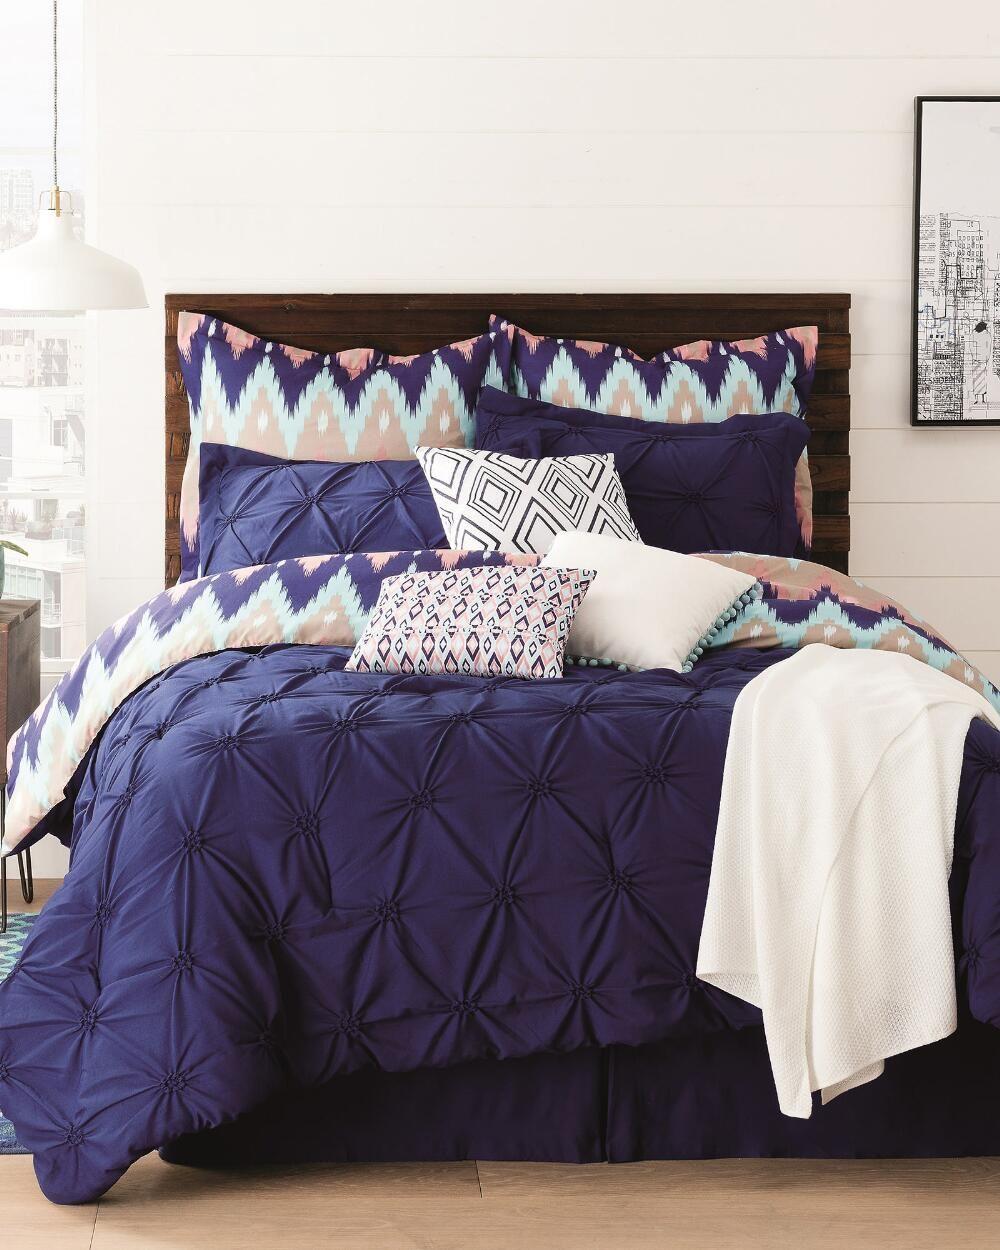 Stein mart bathroom accessories - 10 Piece Comforter Set Comforters Bedding Bed Bath Stein Mart